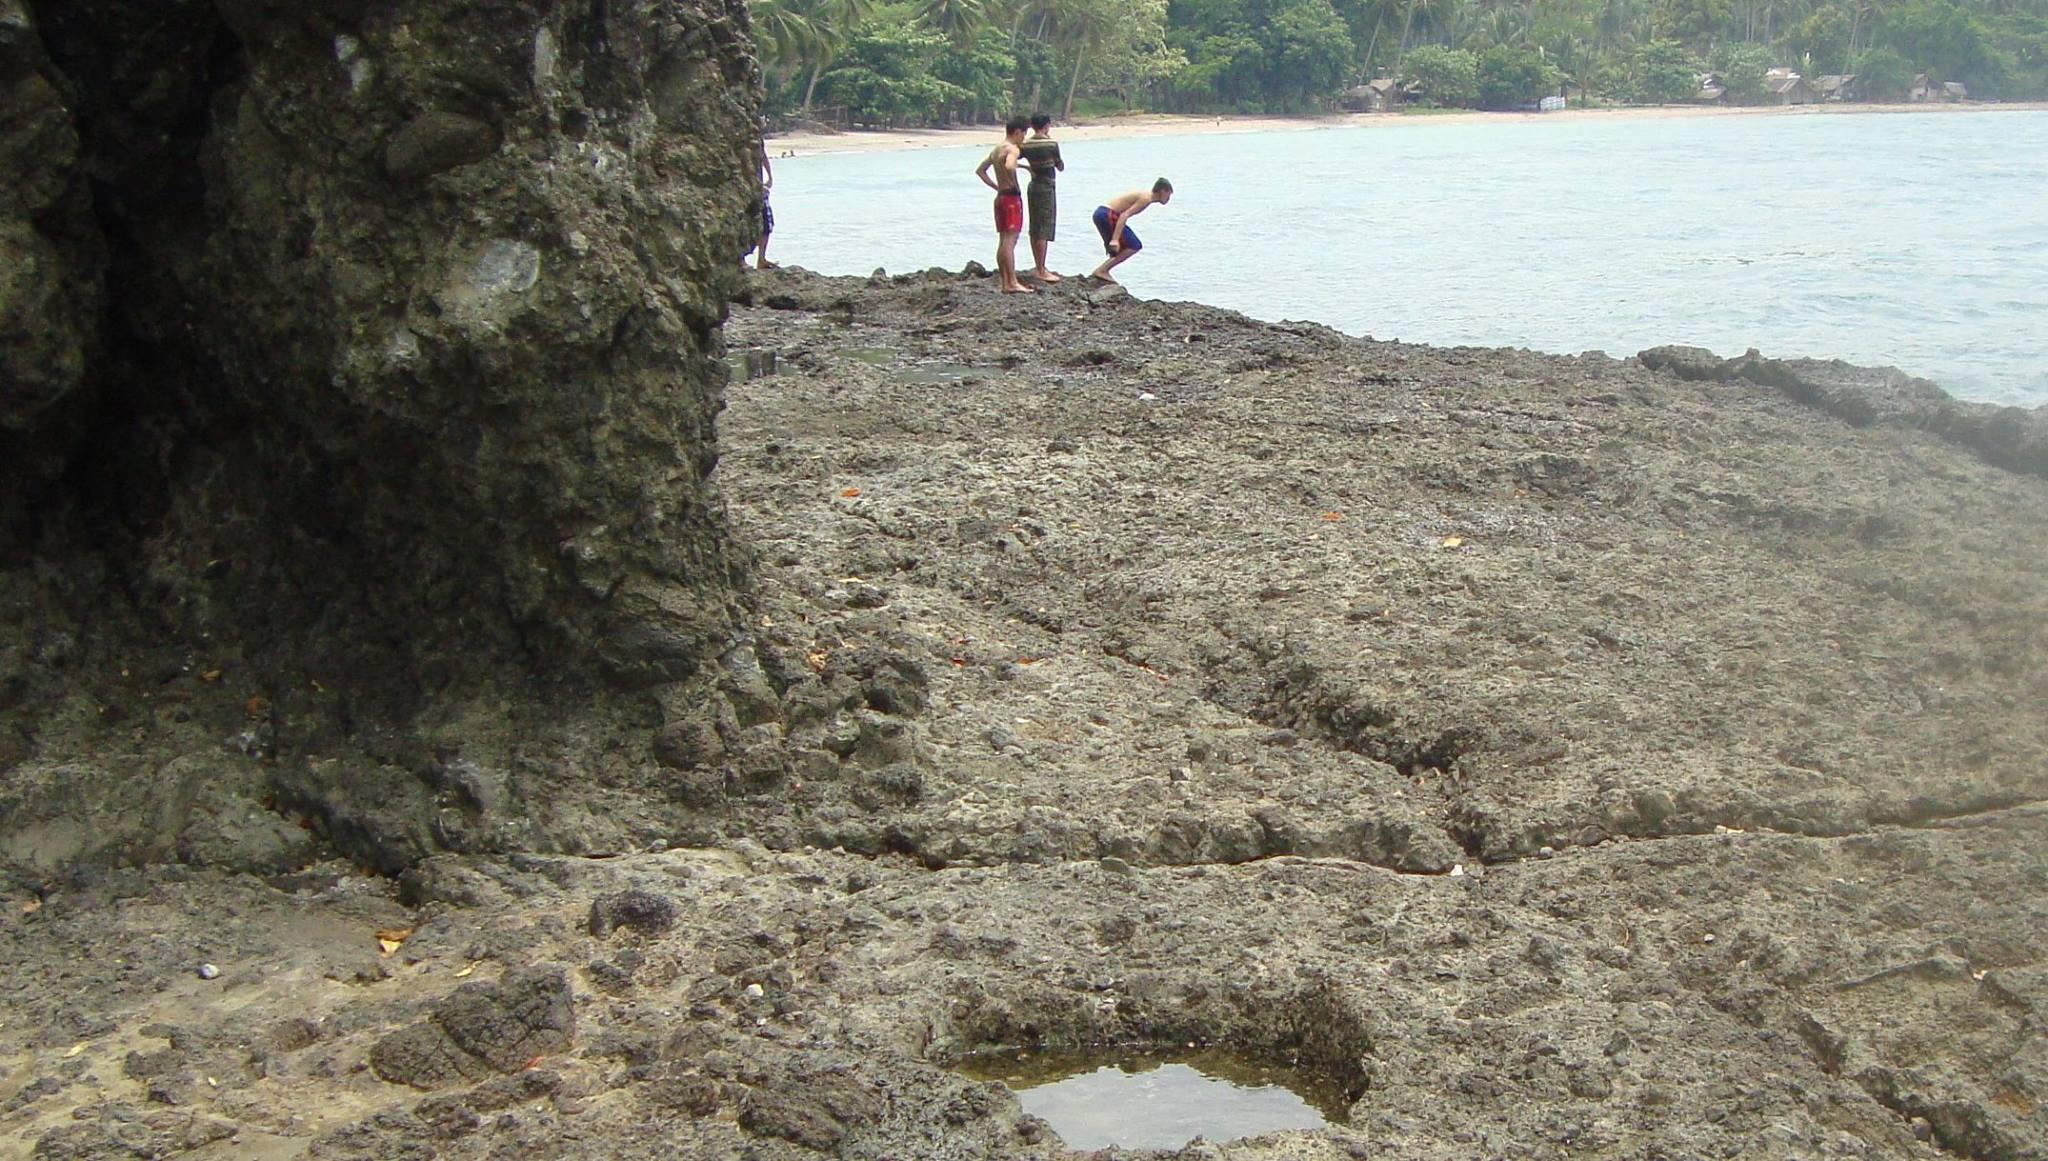 bolihon beach, carmen, agusan del norte